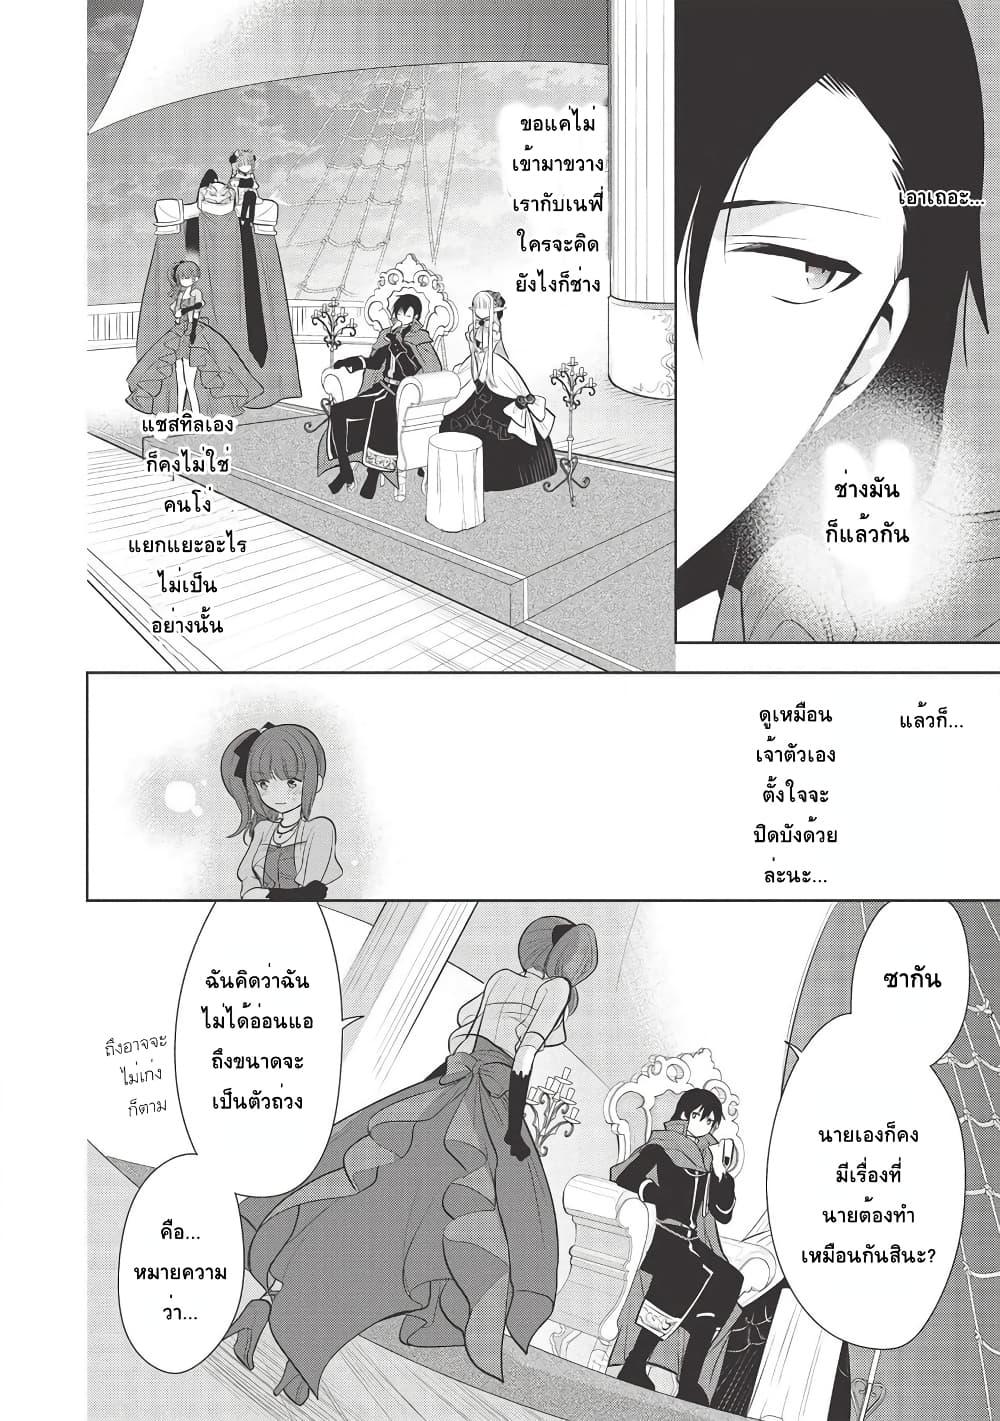 อ่านการ์ตูน Maou no Ore ga Dorei Elf wo Yome ni Shitanda ga Dou Medereba Ii ตอนที่ 28 หน้าที่ 8